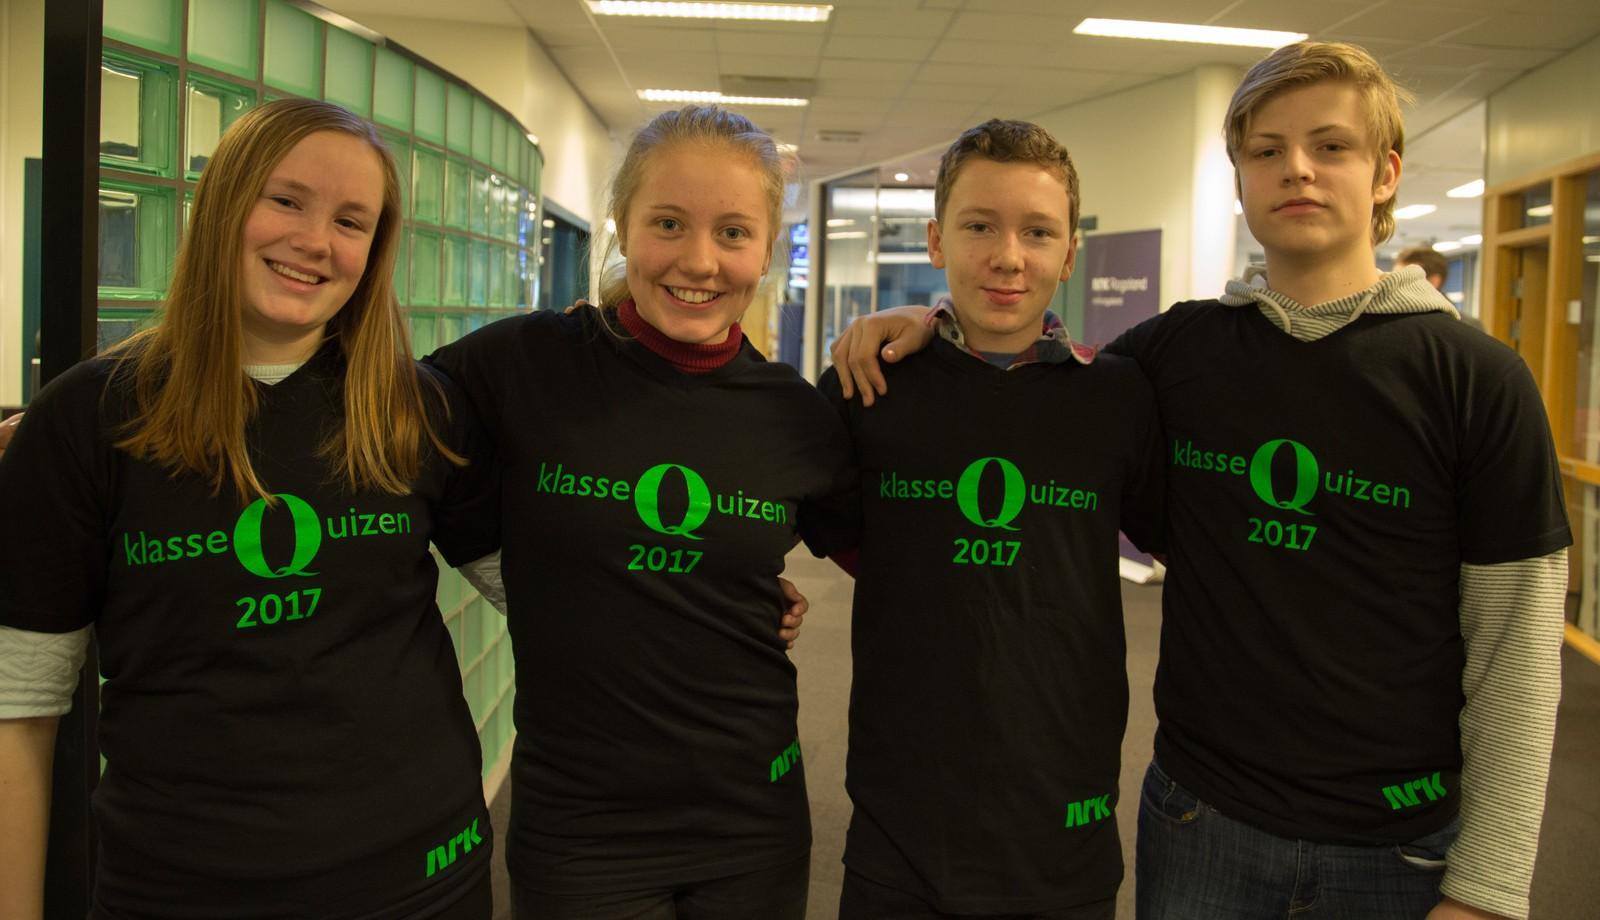 Lurahammeren ungdomsskole fikk 11 poeng. Fra venstre: Christiane Øvrebø, Joakim Neresen, Synne Alsaker og Odin Vankan